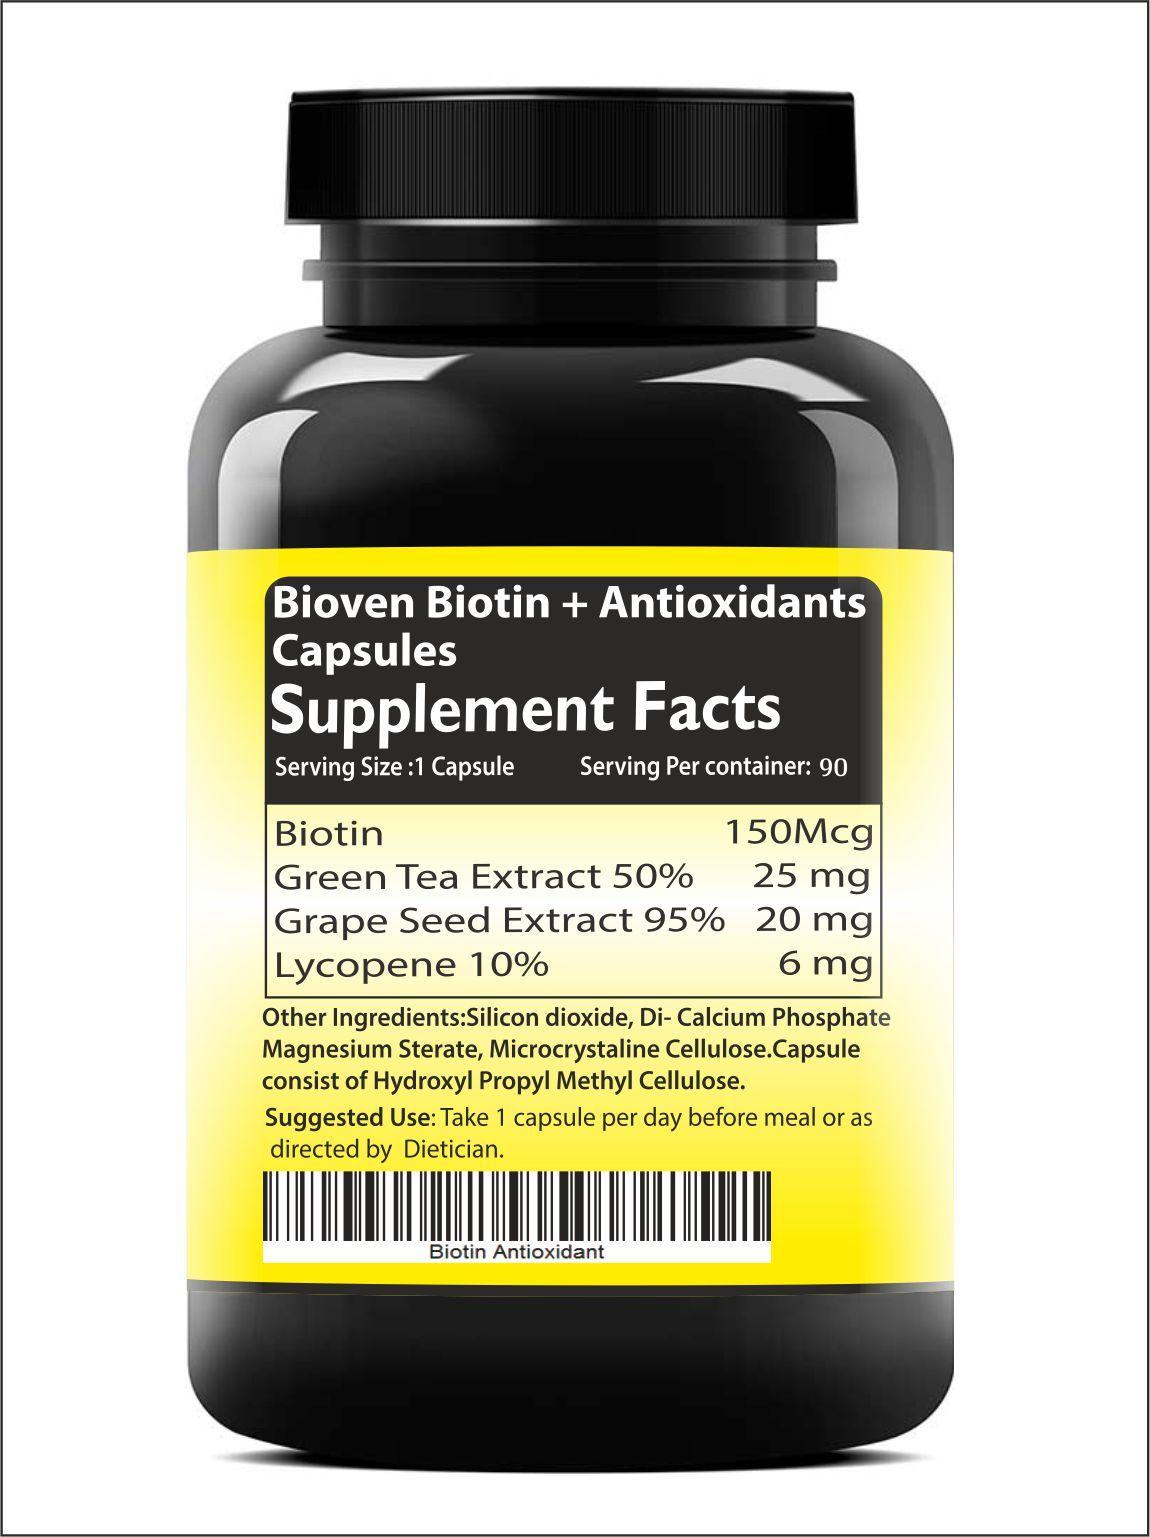 Biotin Skin, Hair and Nail Care Capsules